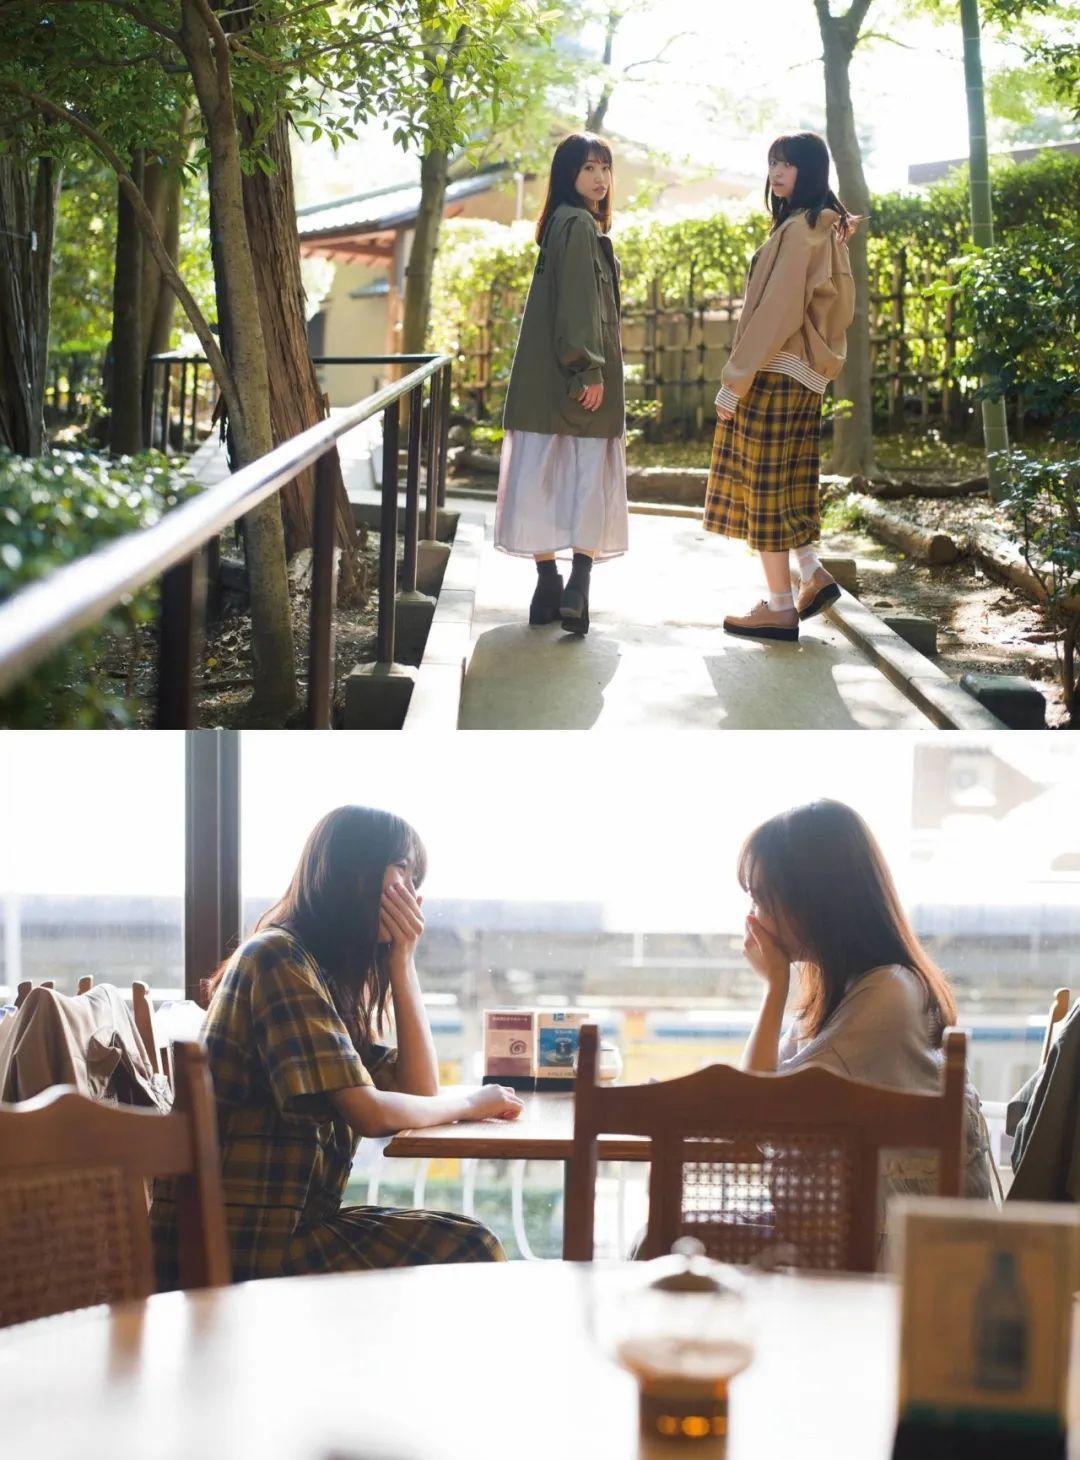 小林由依×松田里奈「心的距离感」